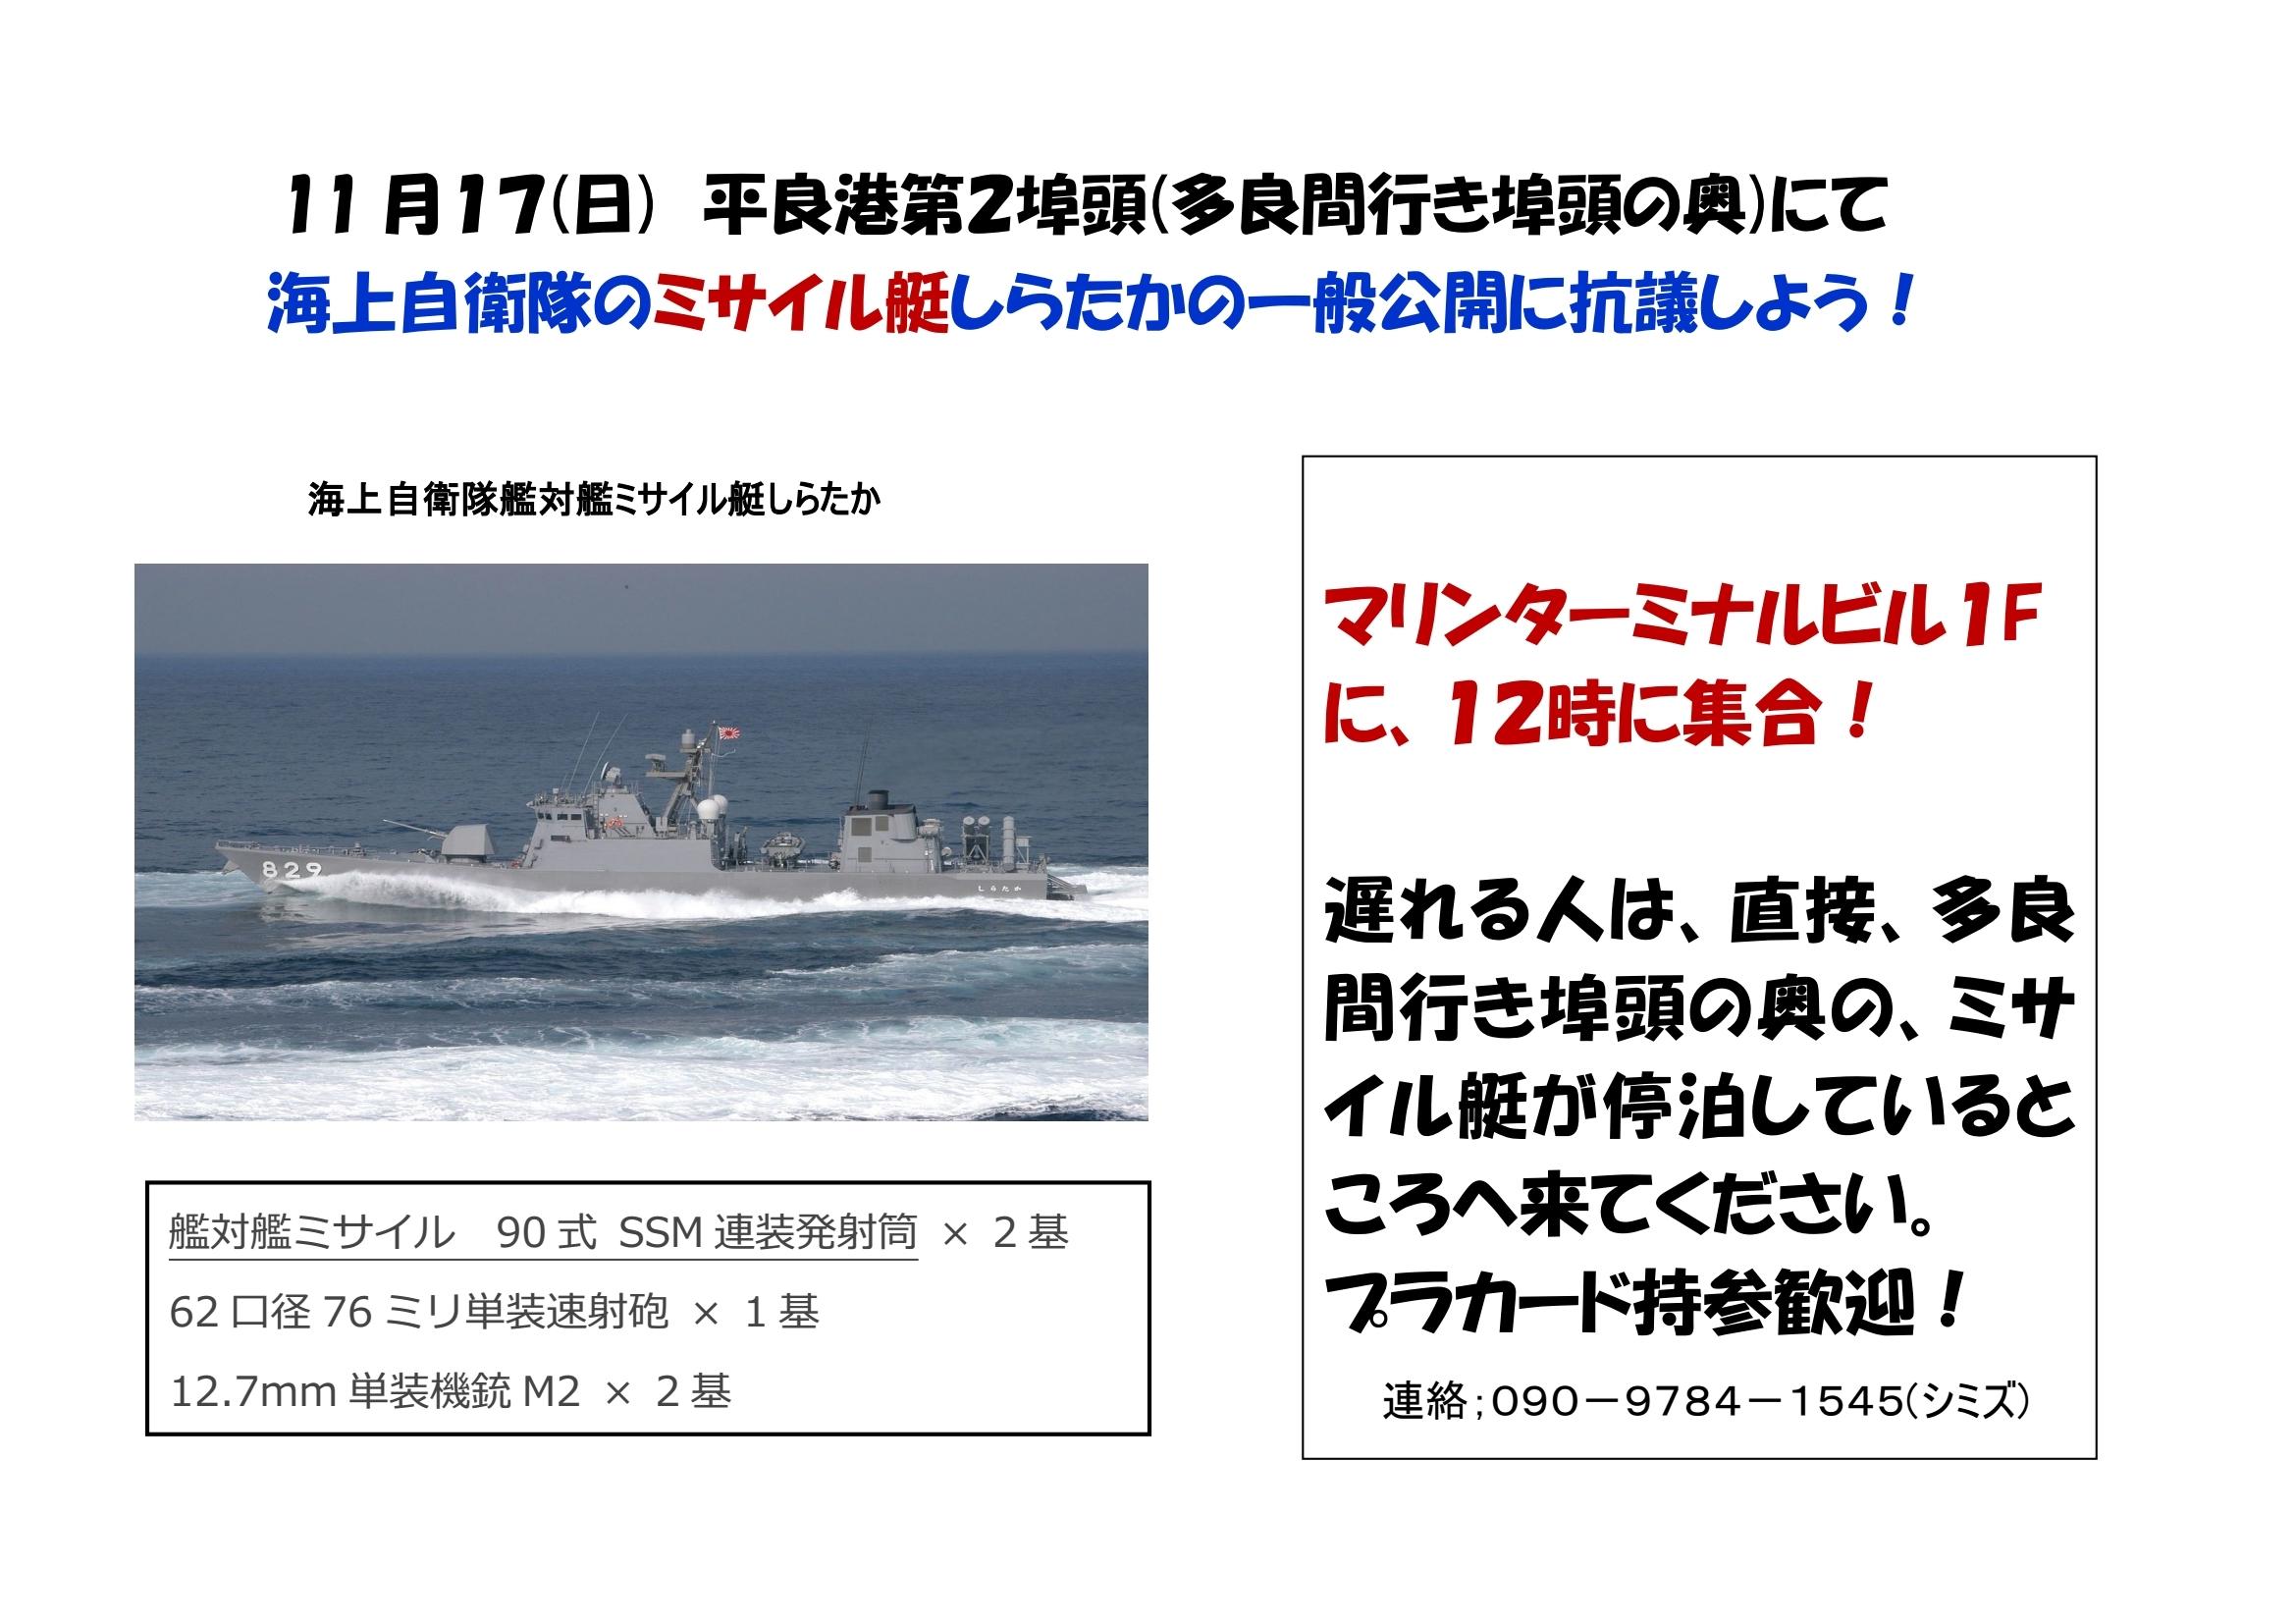 ミサイル艇チラシ